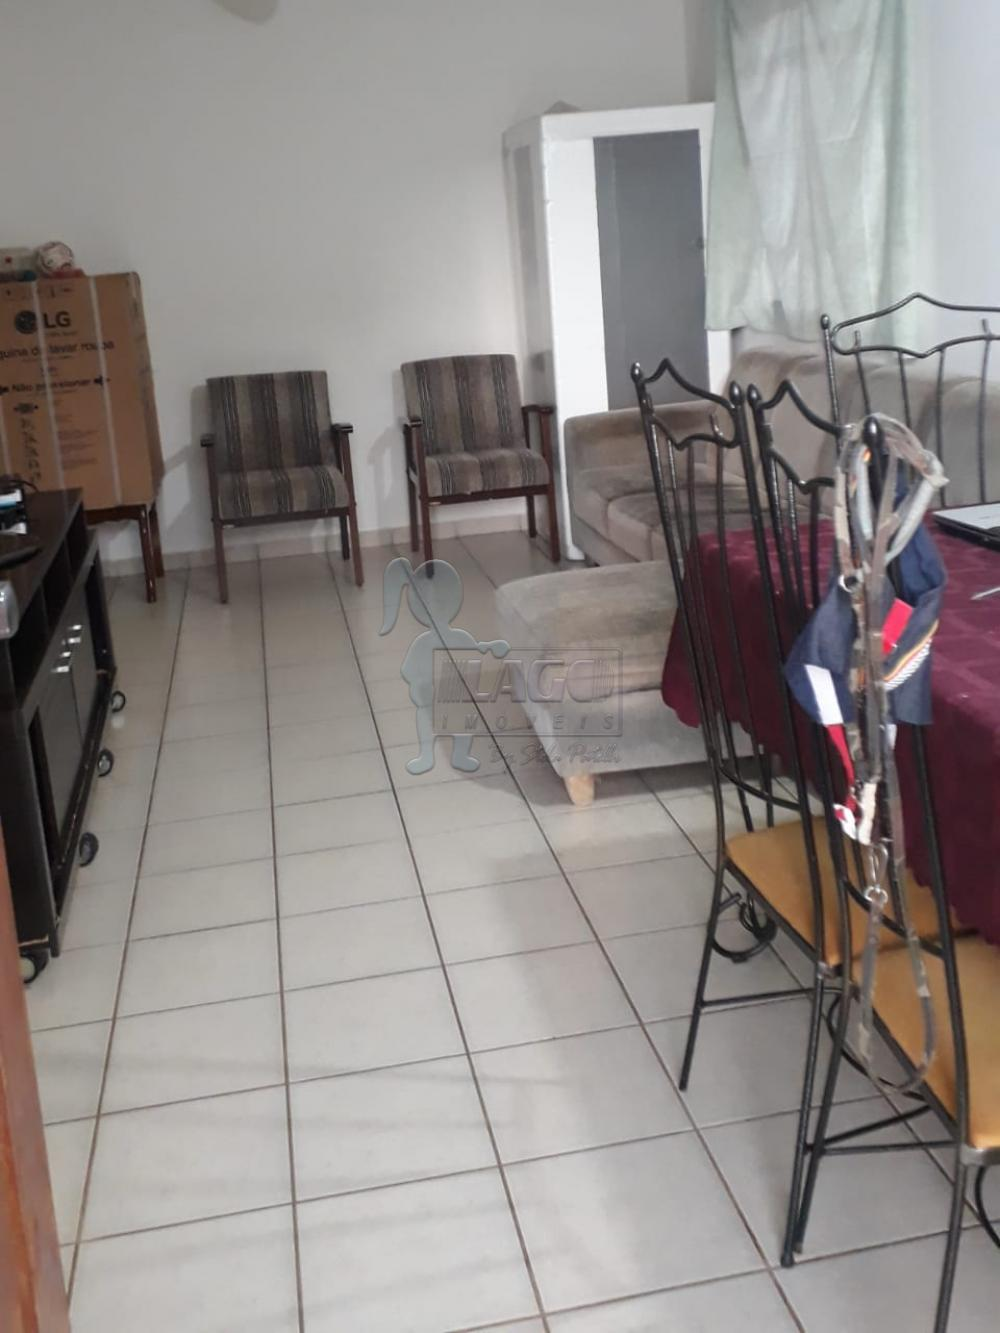 Comprar Casas / Condomínio em Ribeirão Preto apenas R$ 412.000,00 - Foto 1